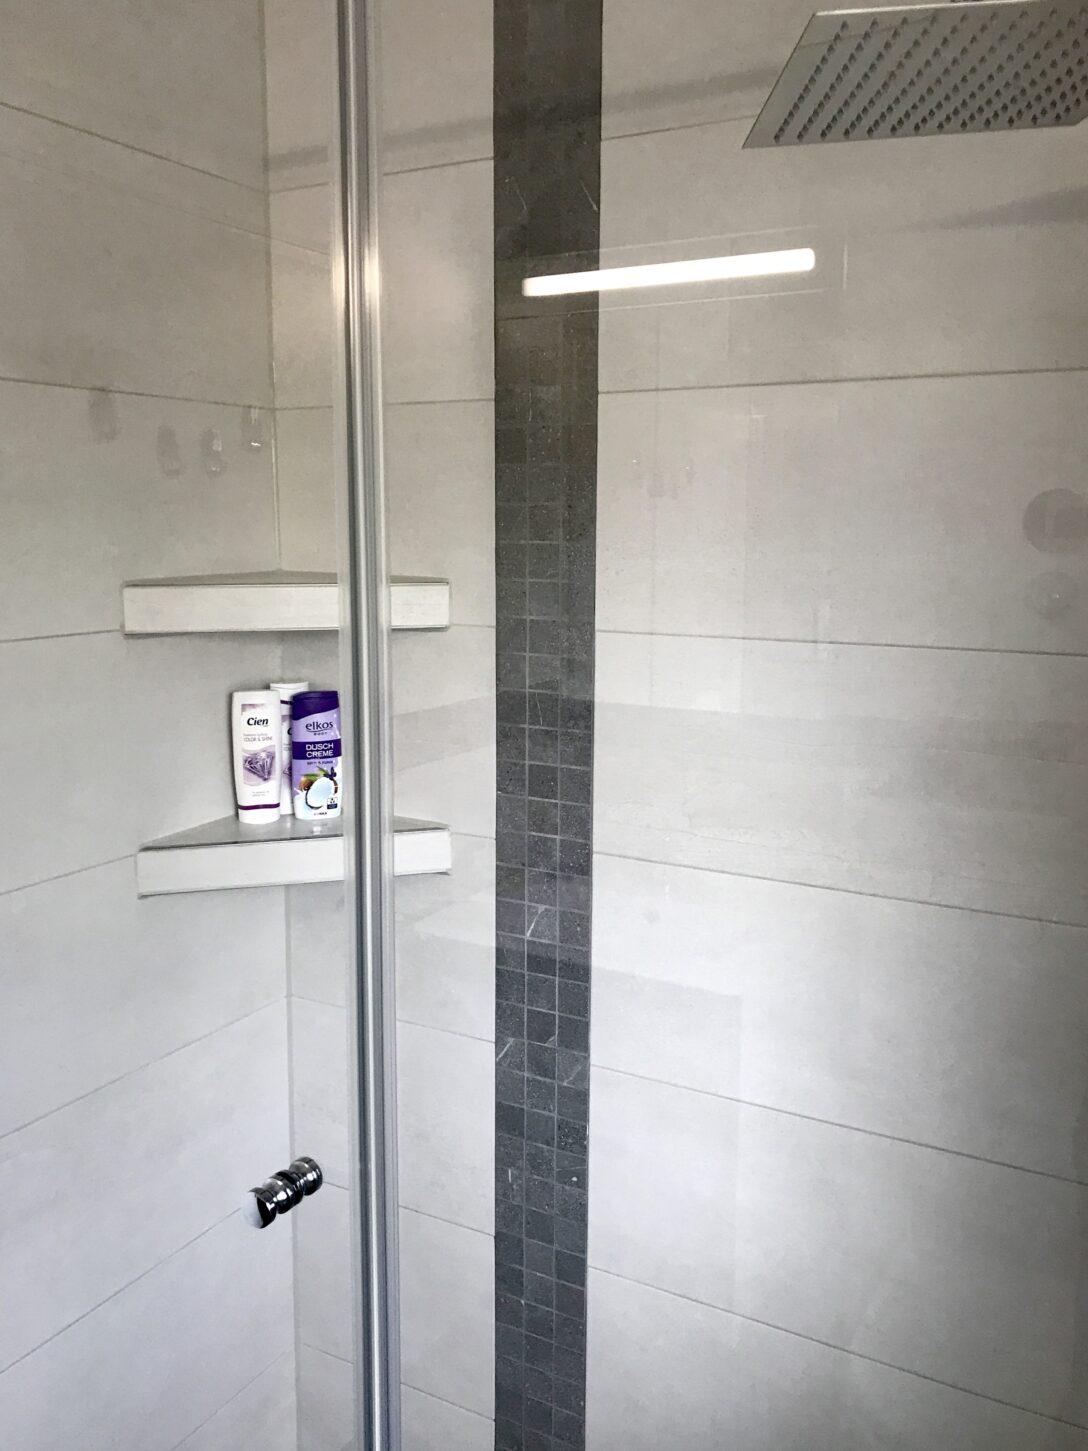 Large Size of Inspirationen Neumann Gmbh Mnchen Haustechnik Fliesen Dusche Nischentür Bodengleiche Einbauen Glaswand Begehbare Duschen Antirutschmatte Für 80x80 Dusche Rainshower Dusche